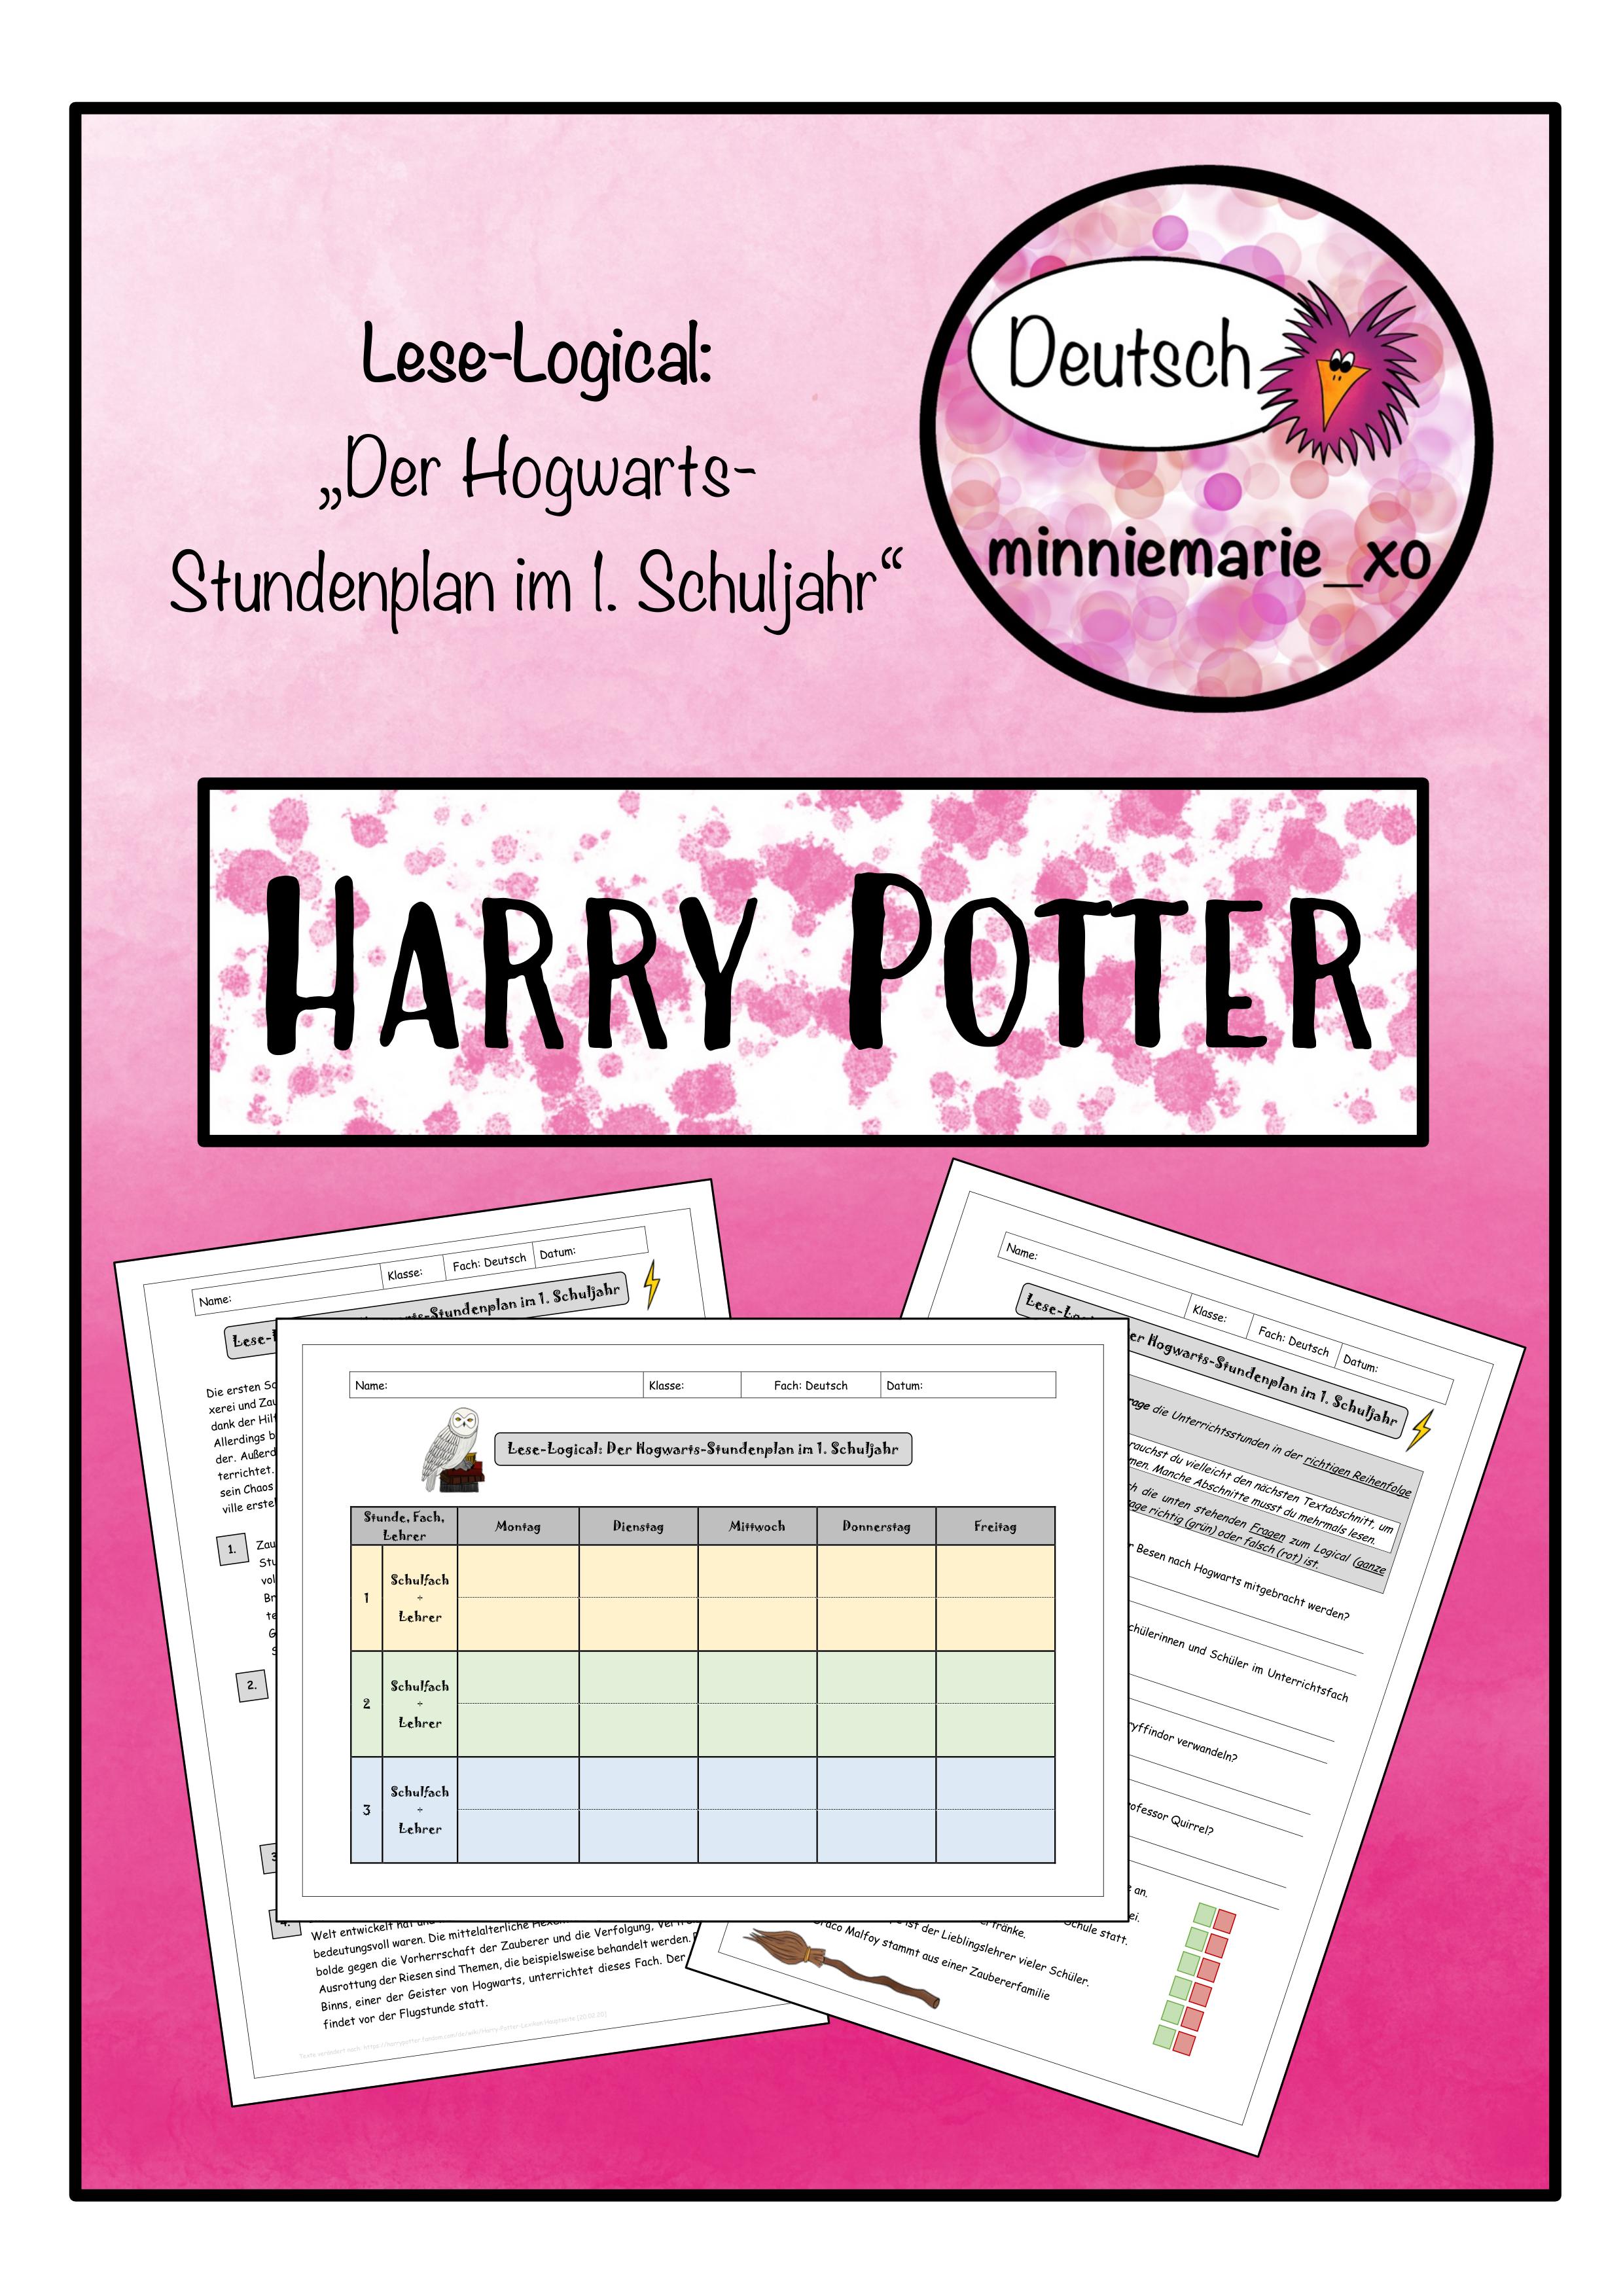 Logical Harry Potter Stundenplan Im 1 Schuljahr Unterrichtsmaterial Im Fach Fachubergreifendes Stundenplan Schule Unterrichtsmaterial